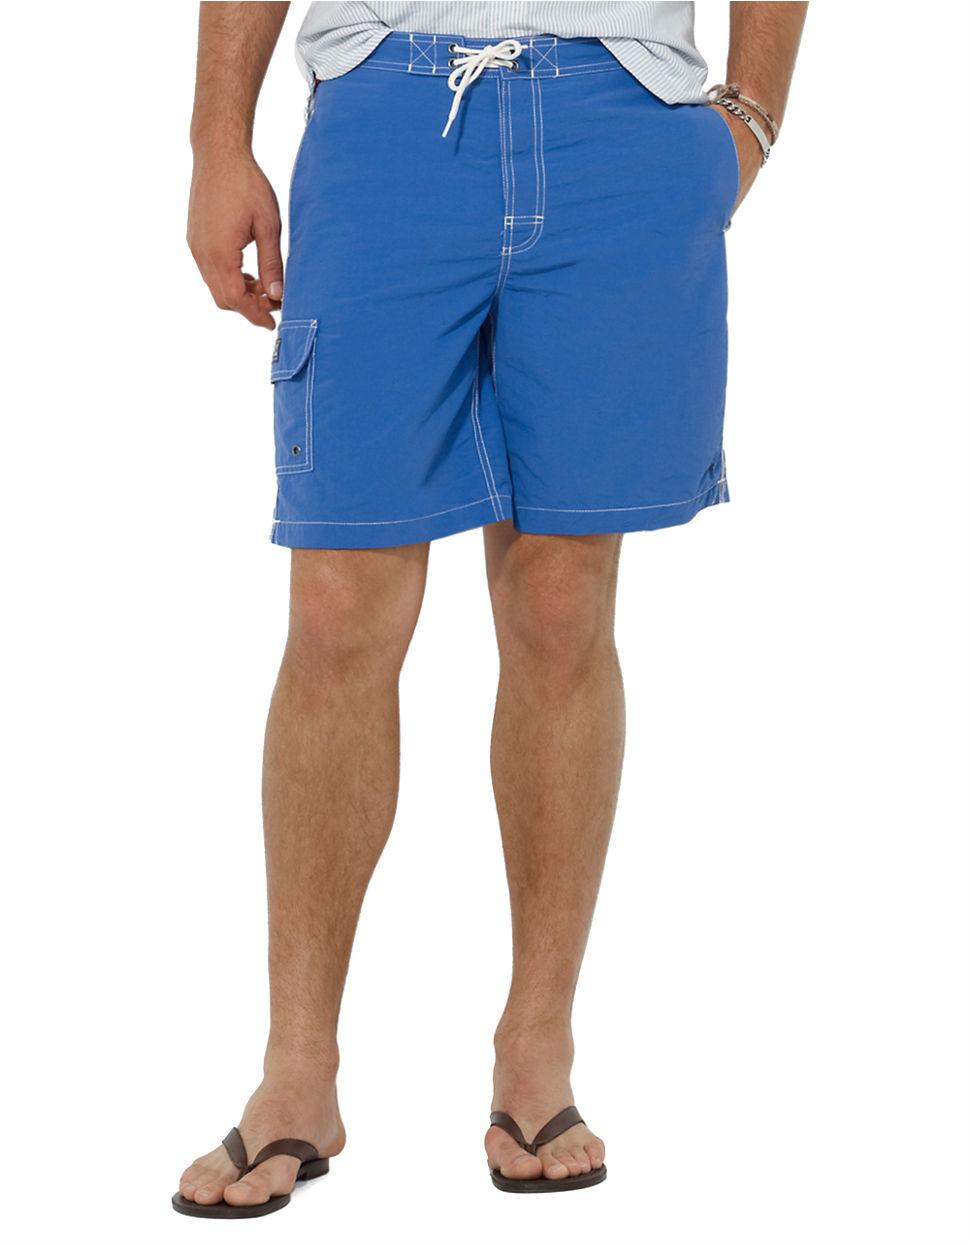 c14a22b37ab28 Lyst - Polo Ralph Lauren Kailua Swim Trunks in Blue for Men